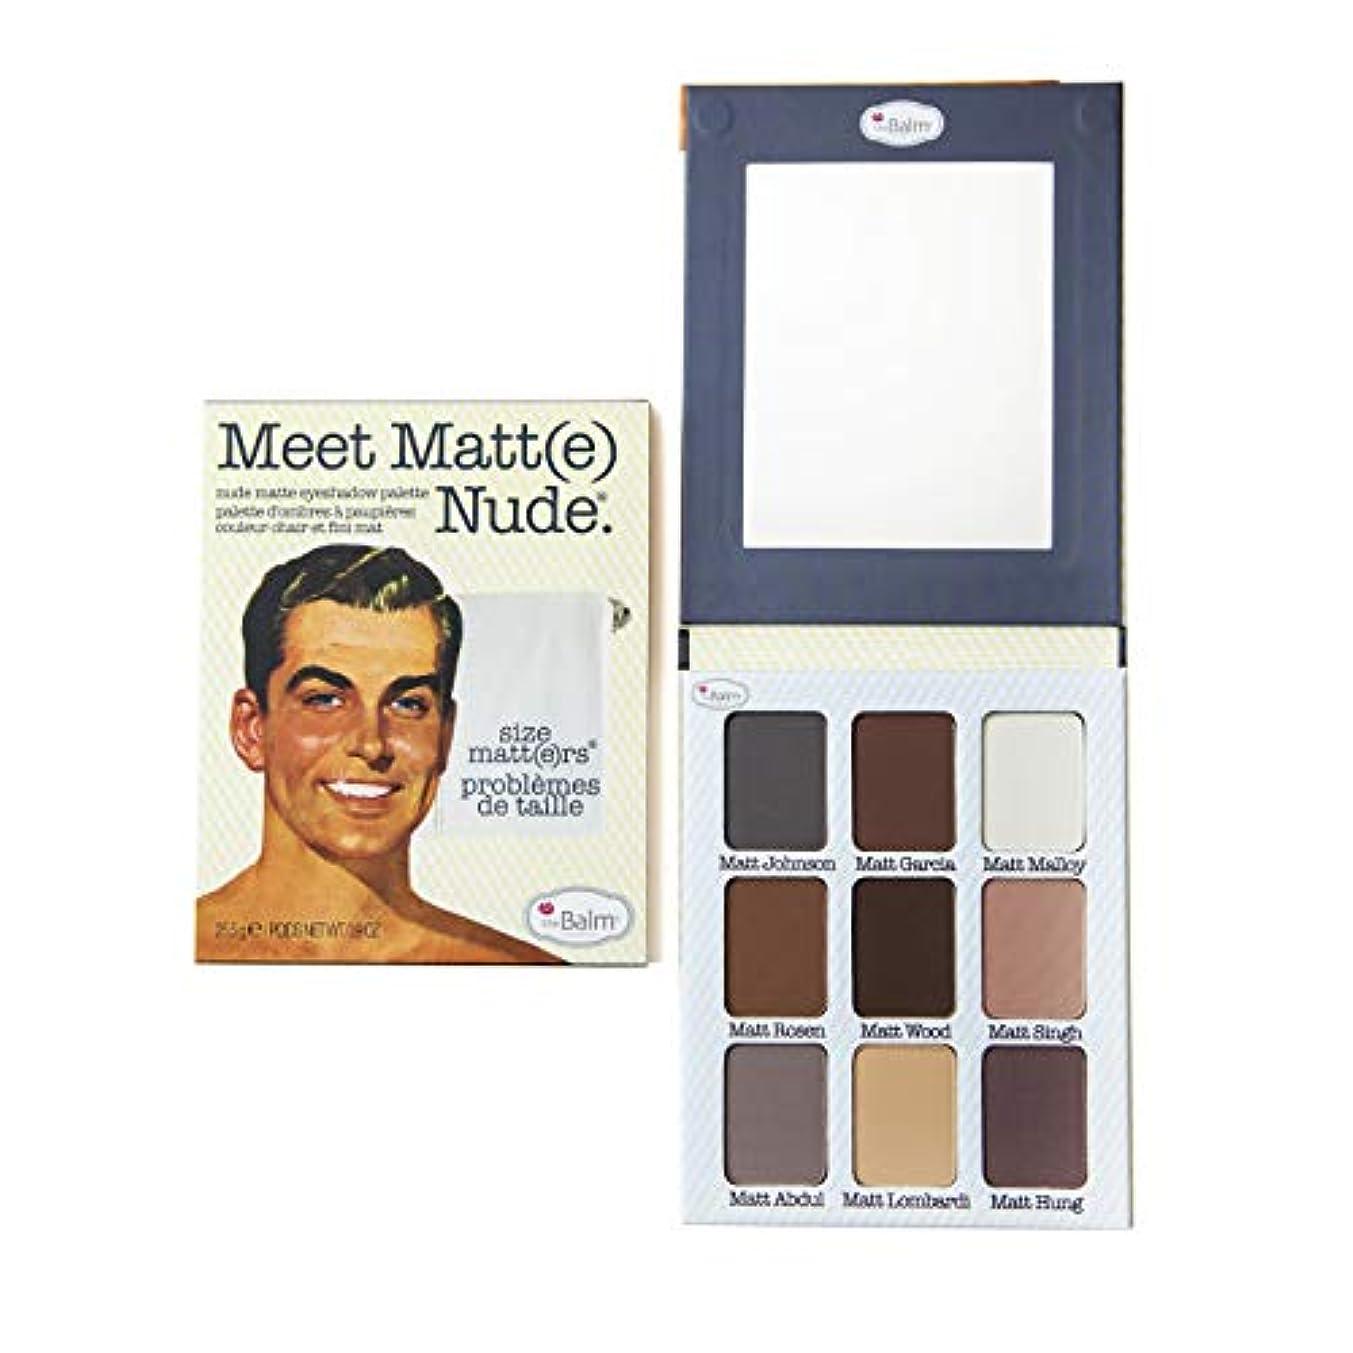 フルーティー処方するセラーThe Balm(ザバーム) Meet Matte Nude - Matte Eyeshadow Palette 25.5g/0.9oz